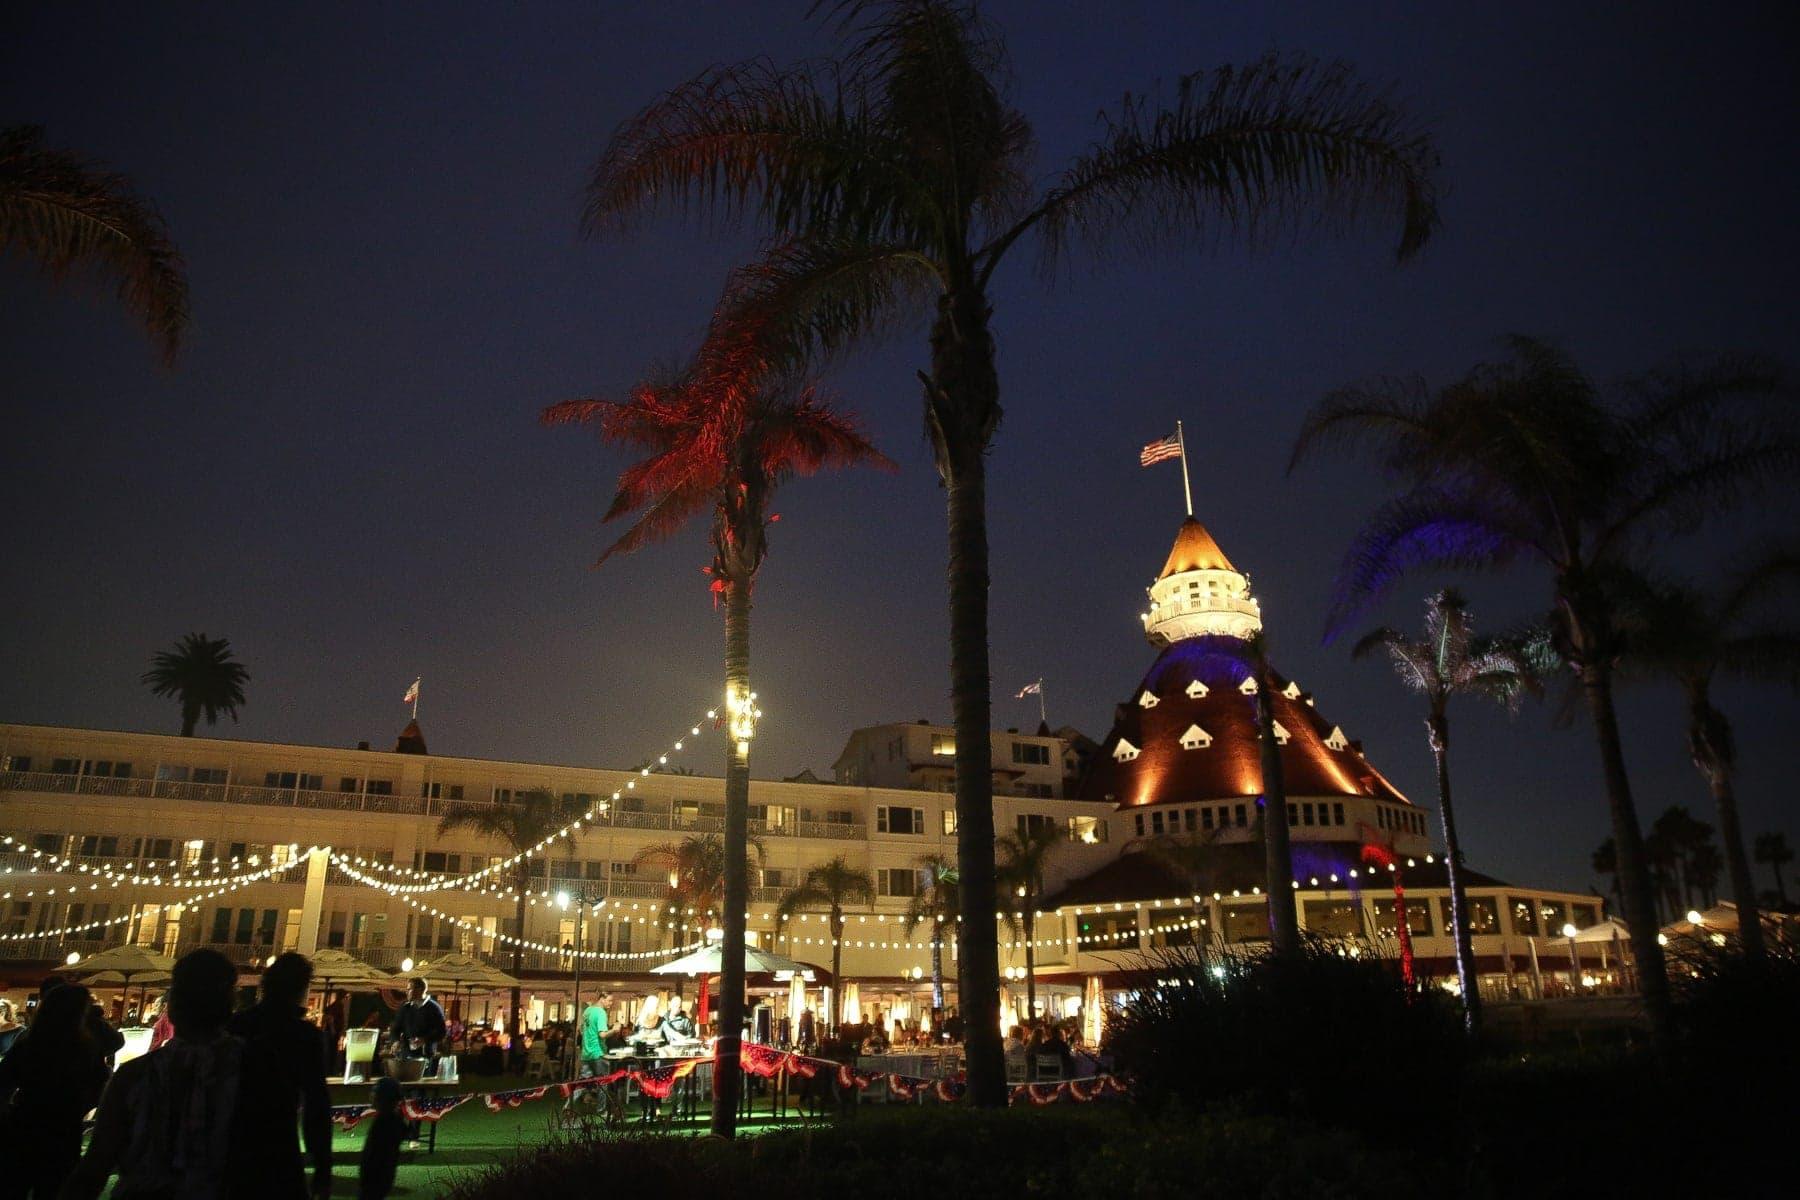 hotel del coronado night